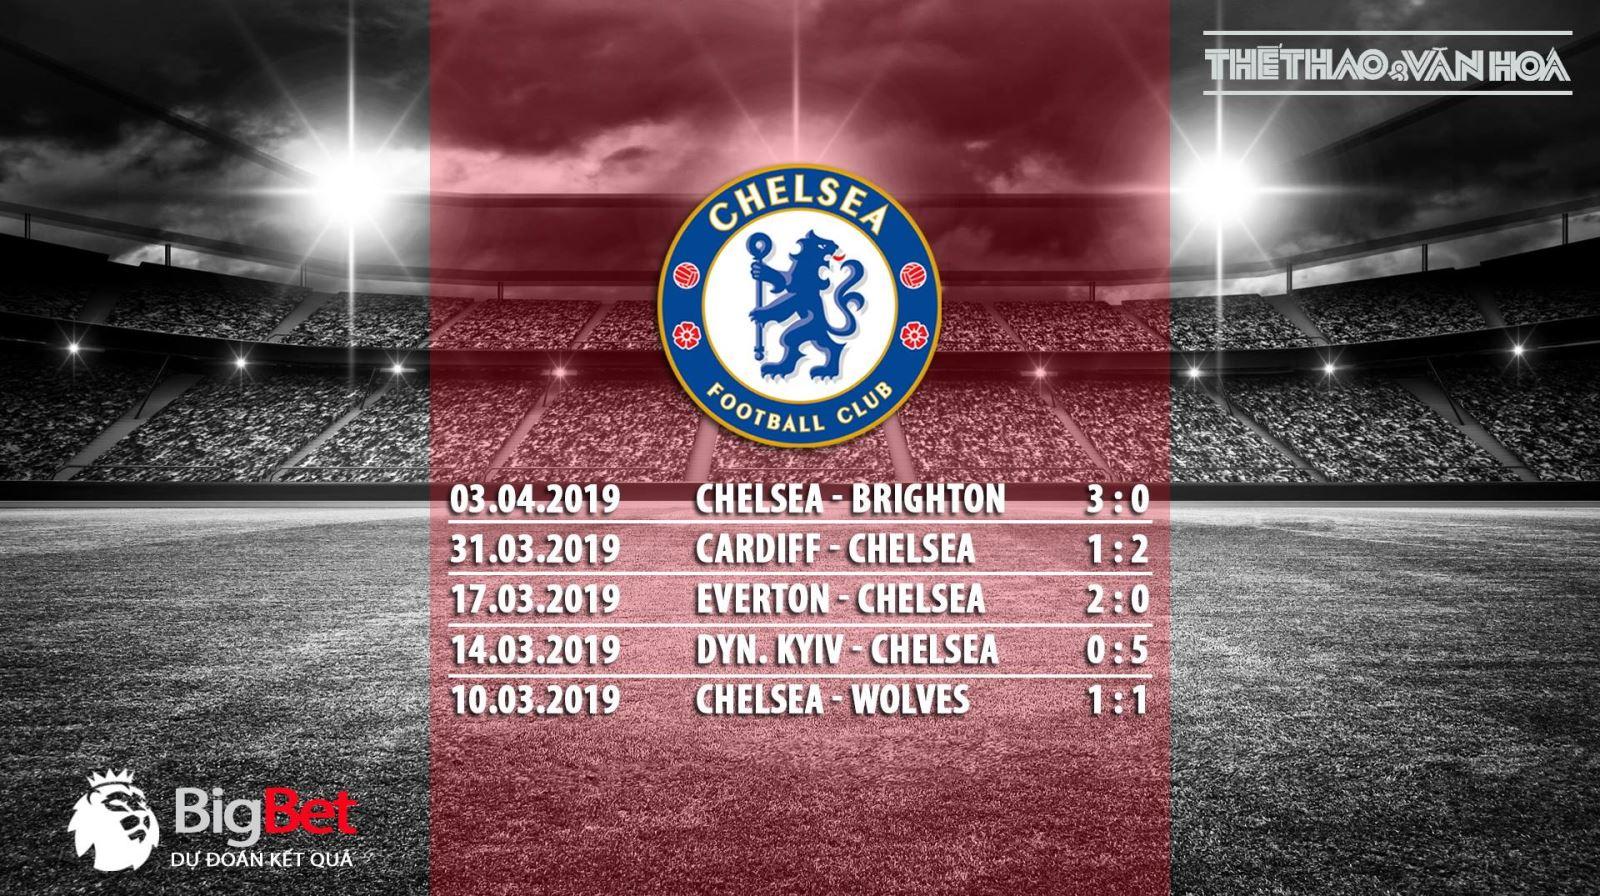 Chelsea, Chelsea vs West Ham, truc tiep bong da, xem trực tiếp bóng đá, bóng đá trực tuyến, soi kèoChelsea vs West Ham, kèo bóng đá Chelsea, lich thi dau bong da hom nay